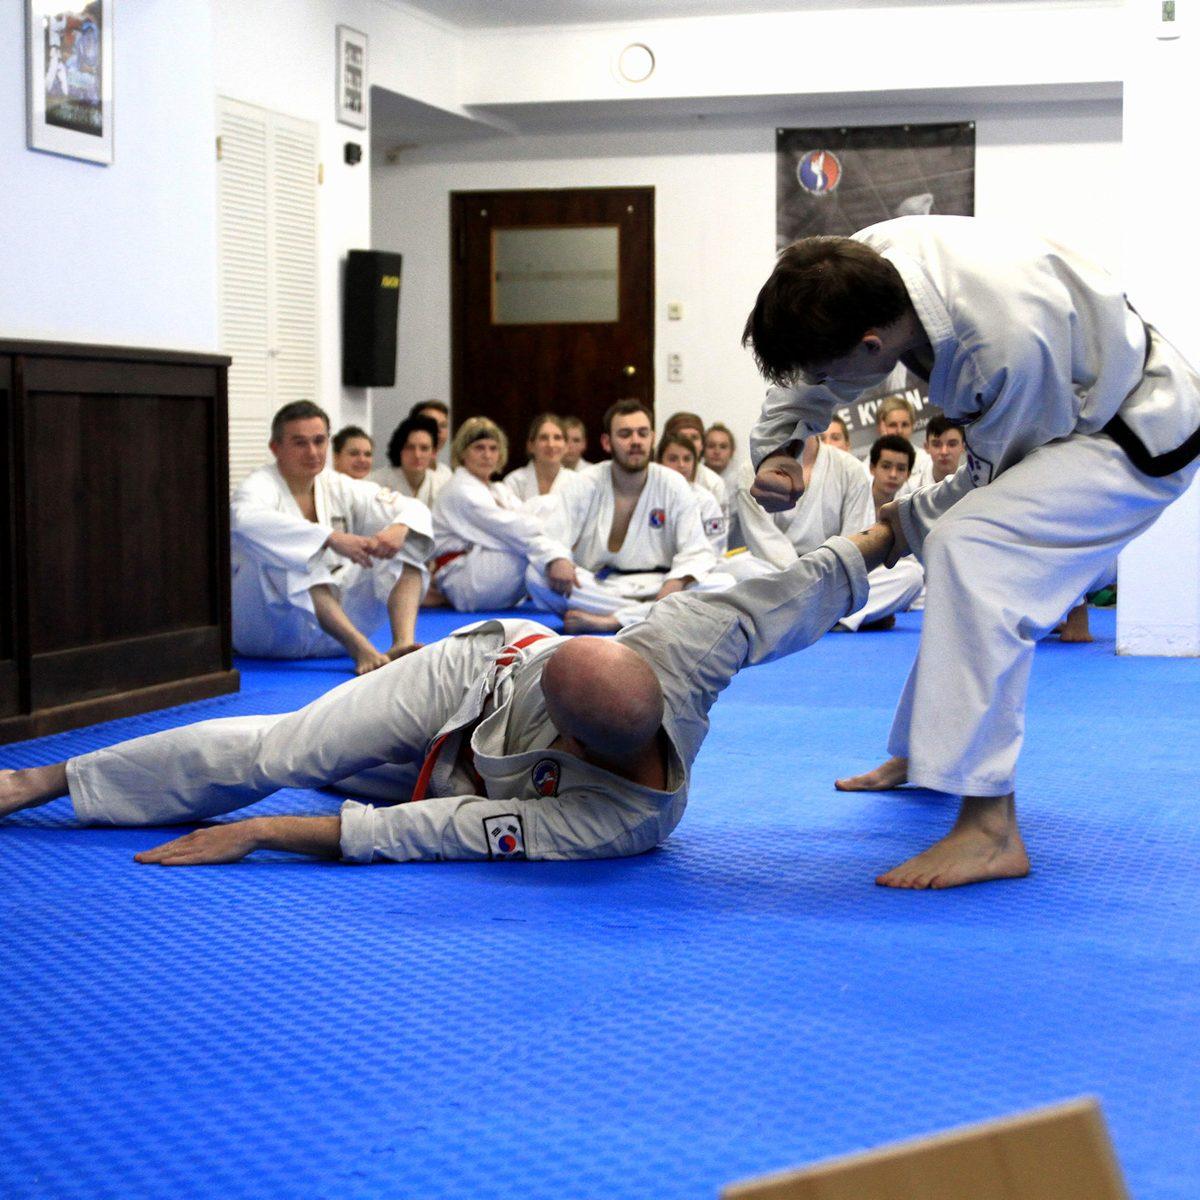 Forderndes, Aktionsreiches Training im der Kampfsportschule Weimar.